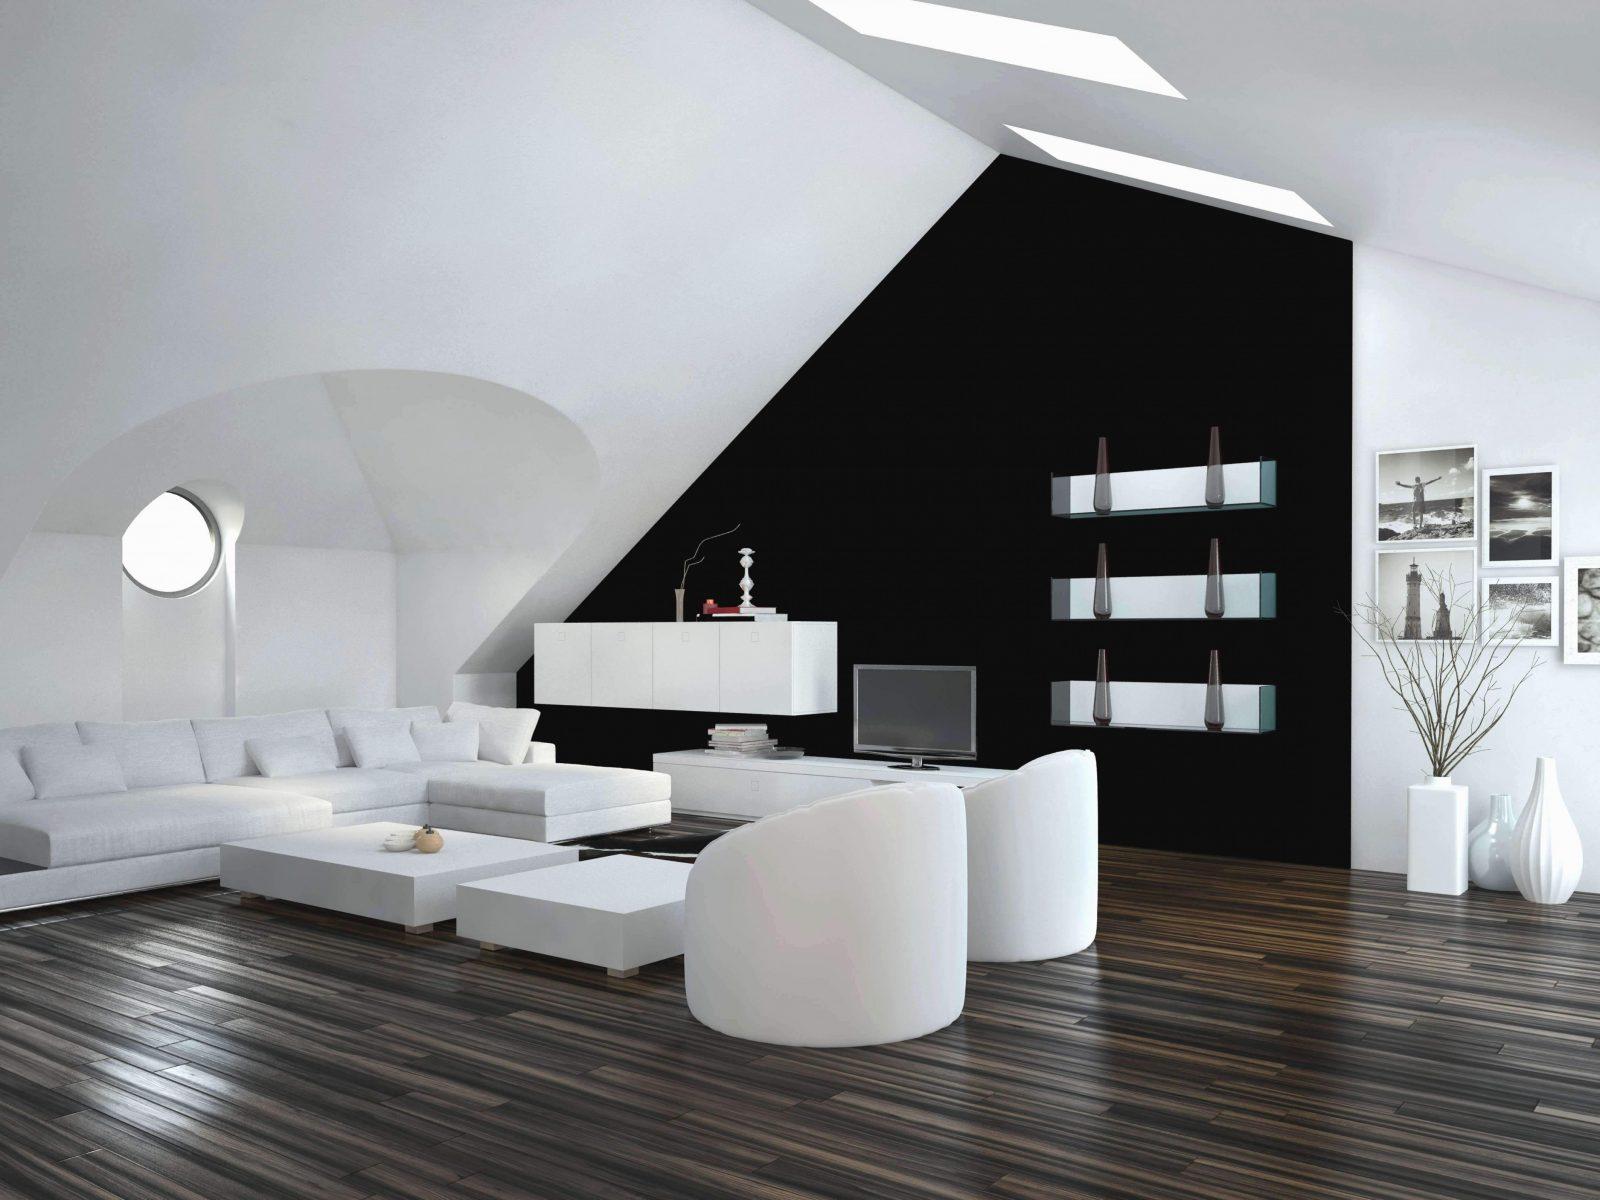 Einzigartig Dekoration Wohnzimmer Ideen  Haus Zimmer Idee von Dekoration Für Wohnzimmer Bild